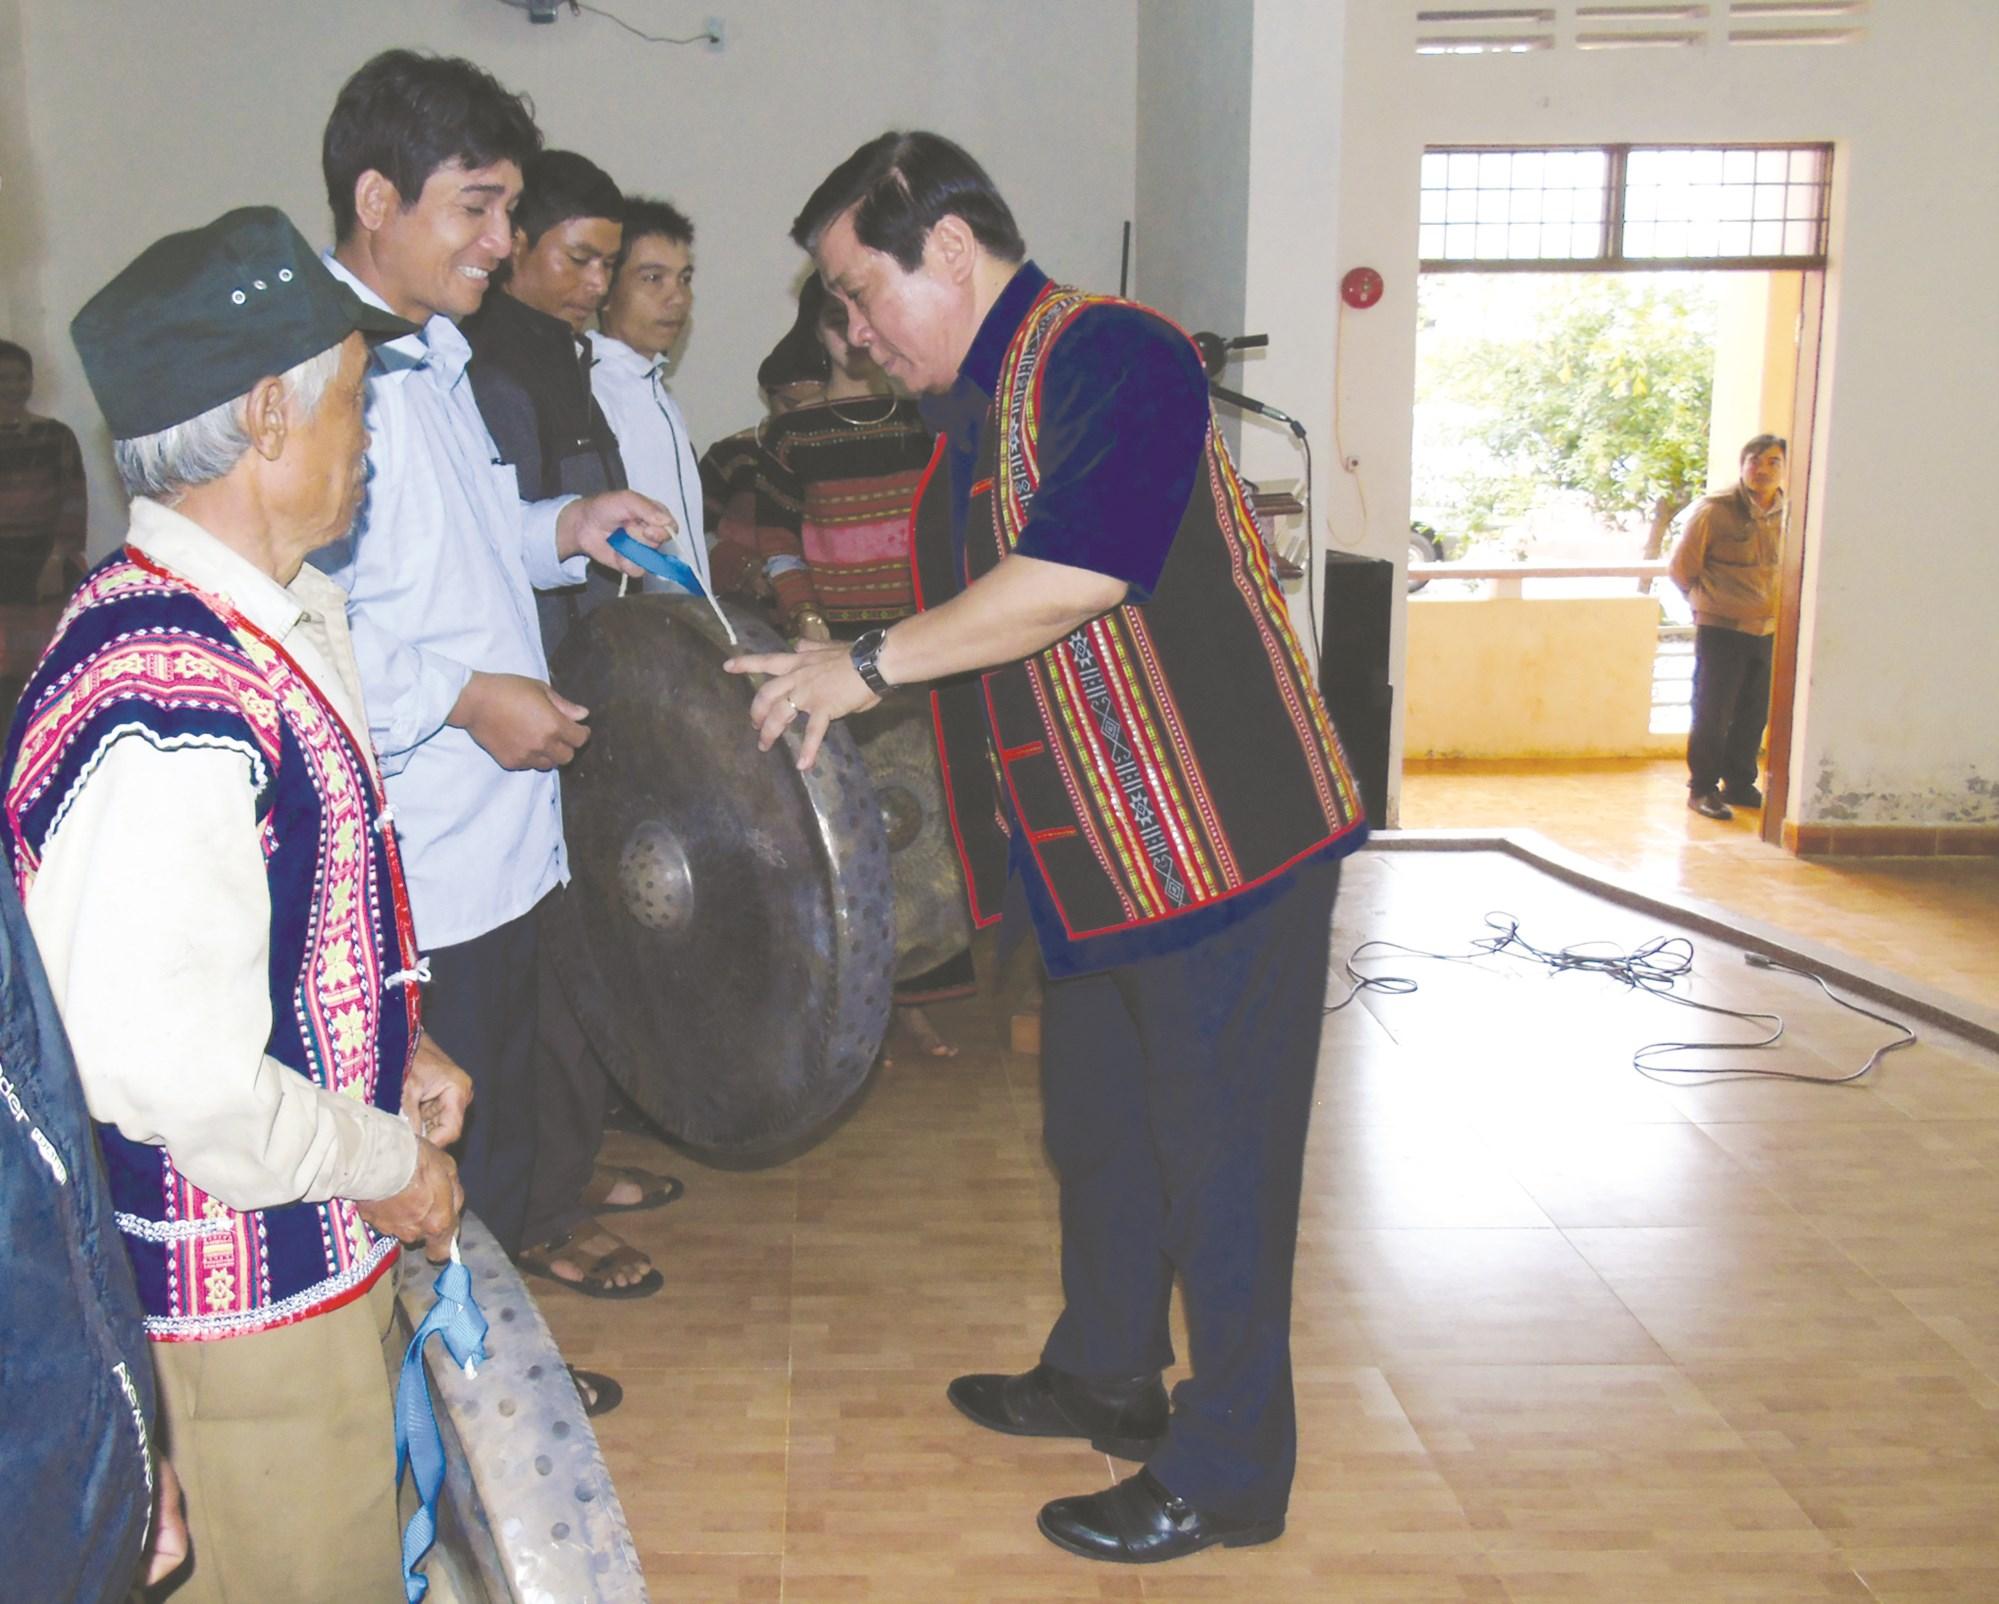 Lãnh đạo tỉnh Bình Định trao cồng chiêng cho các làng đồng bào DTTS cuối năm 2018.